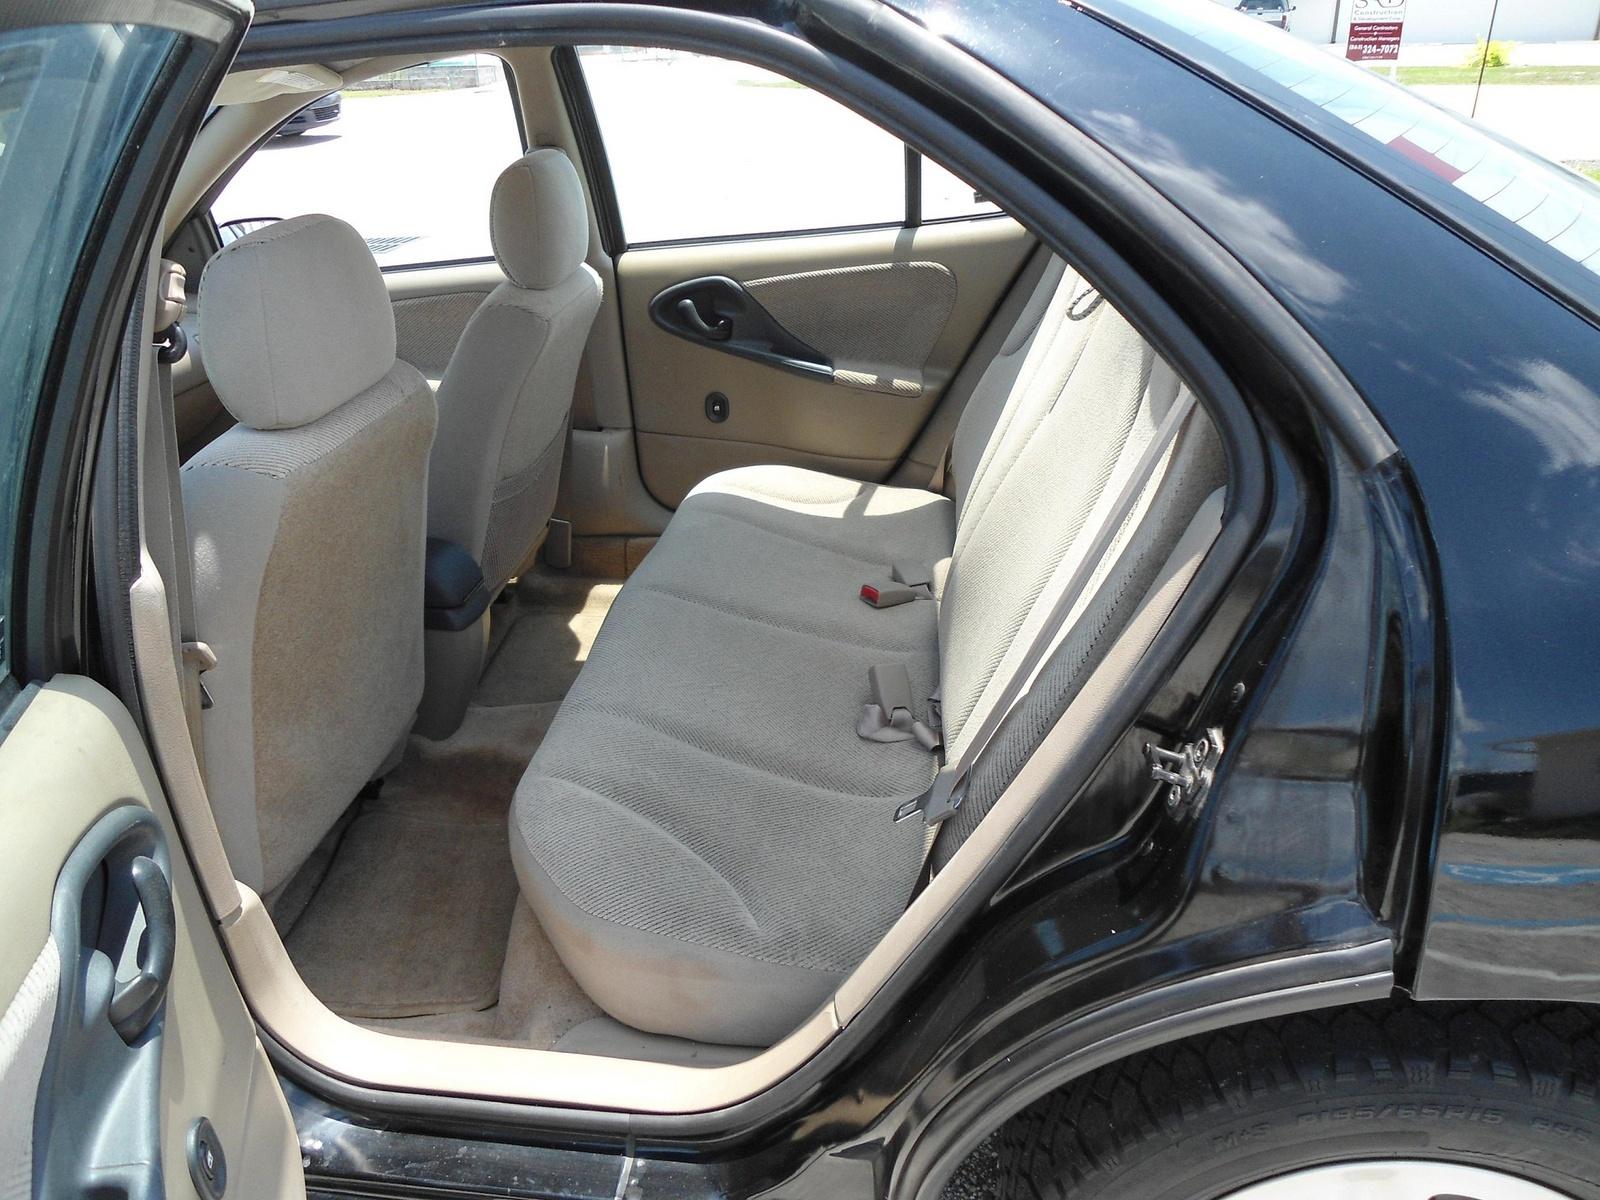 2002 Chevrolet Cavalier - Interior Pictures - CarGurus